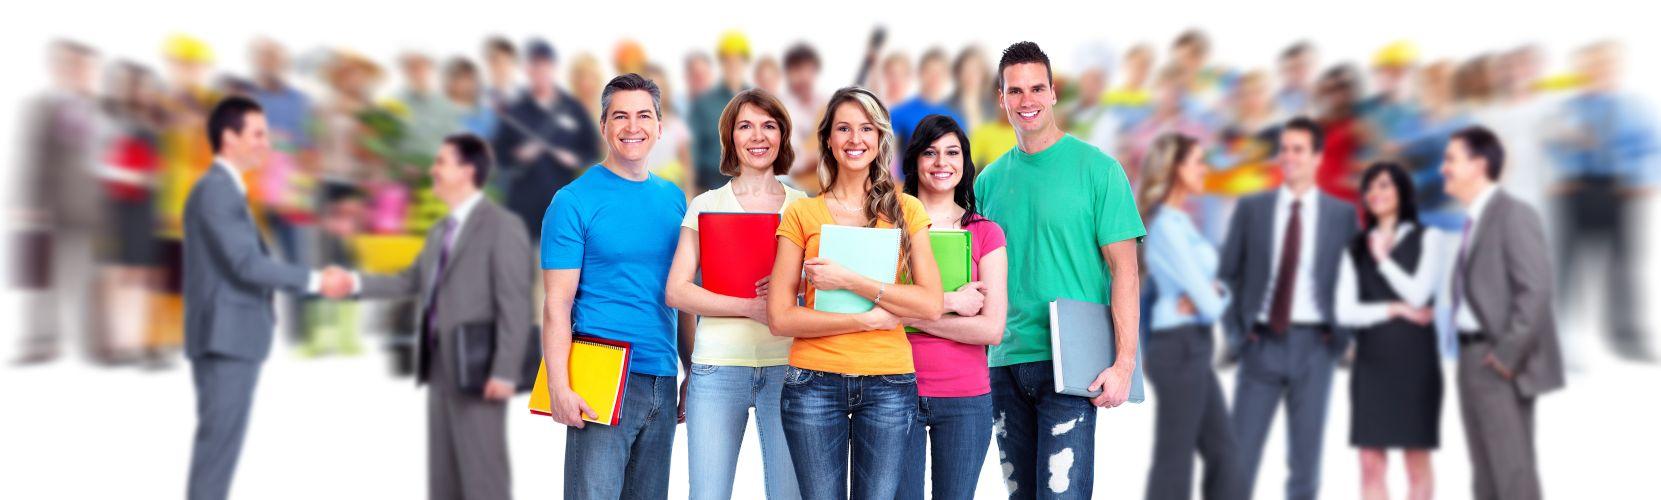 z inštrukcijami angleščine odgovorite na vprašanje kako do znanja angleškega jezika